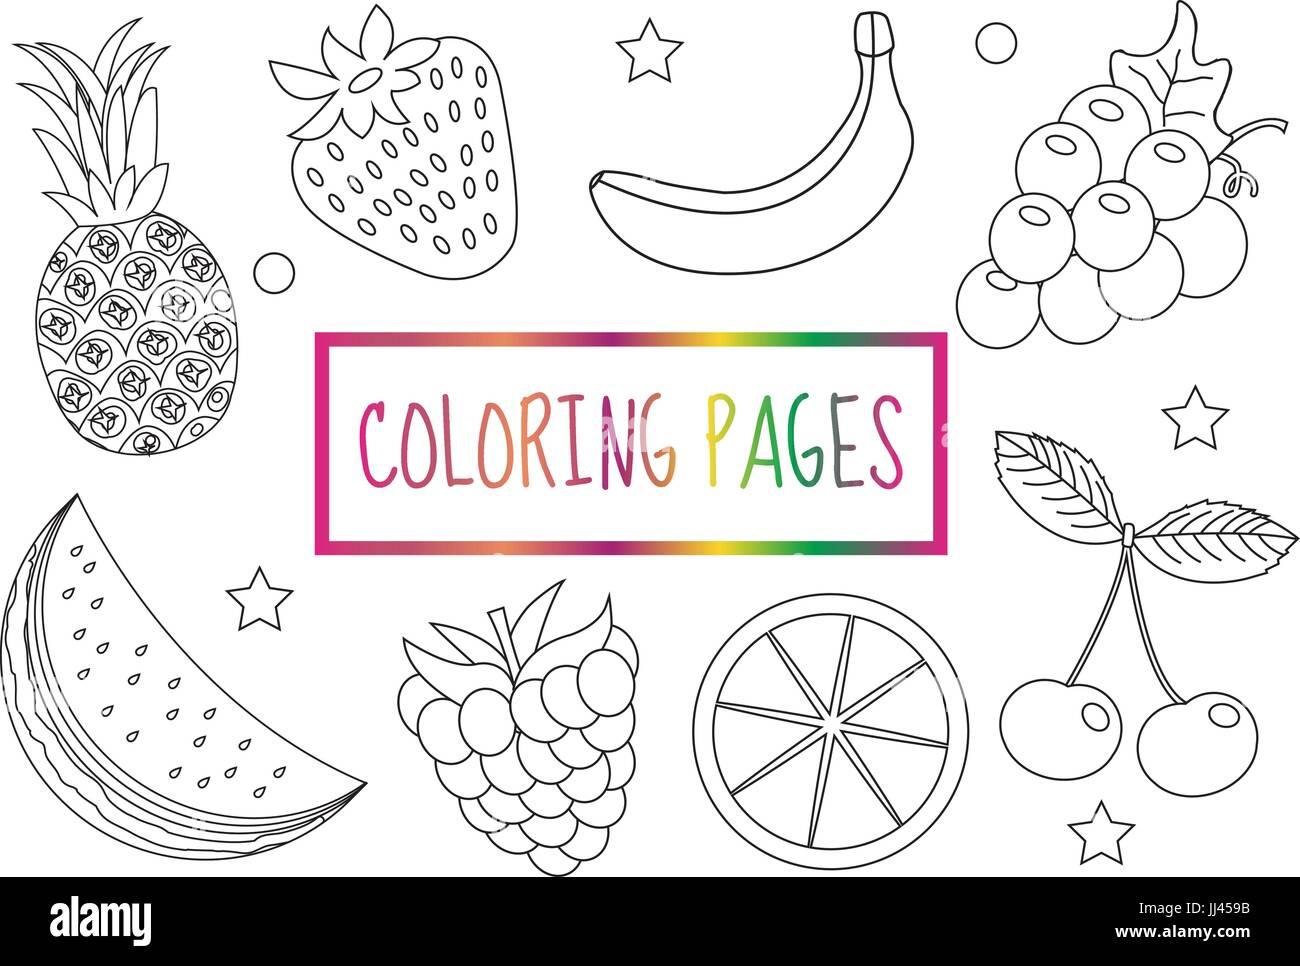 Nett Süße Frucht Malvorlagen Fotos - Beispielzusammenfassung Ideen ...